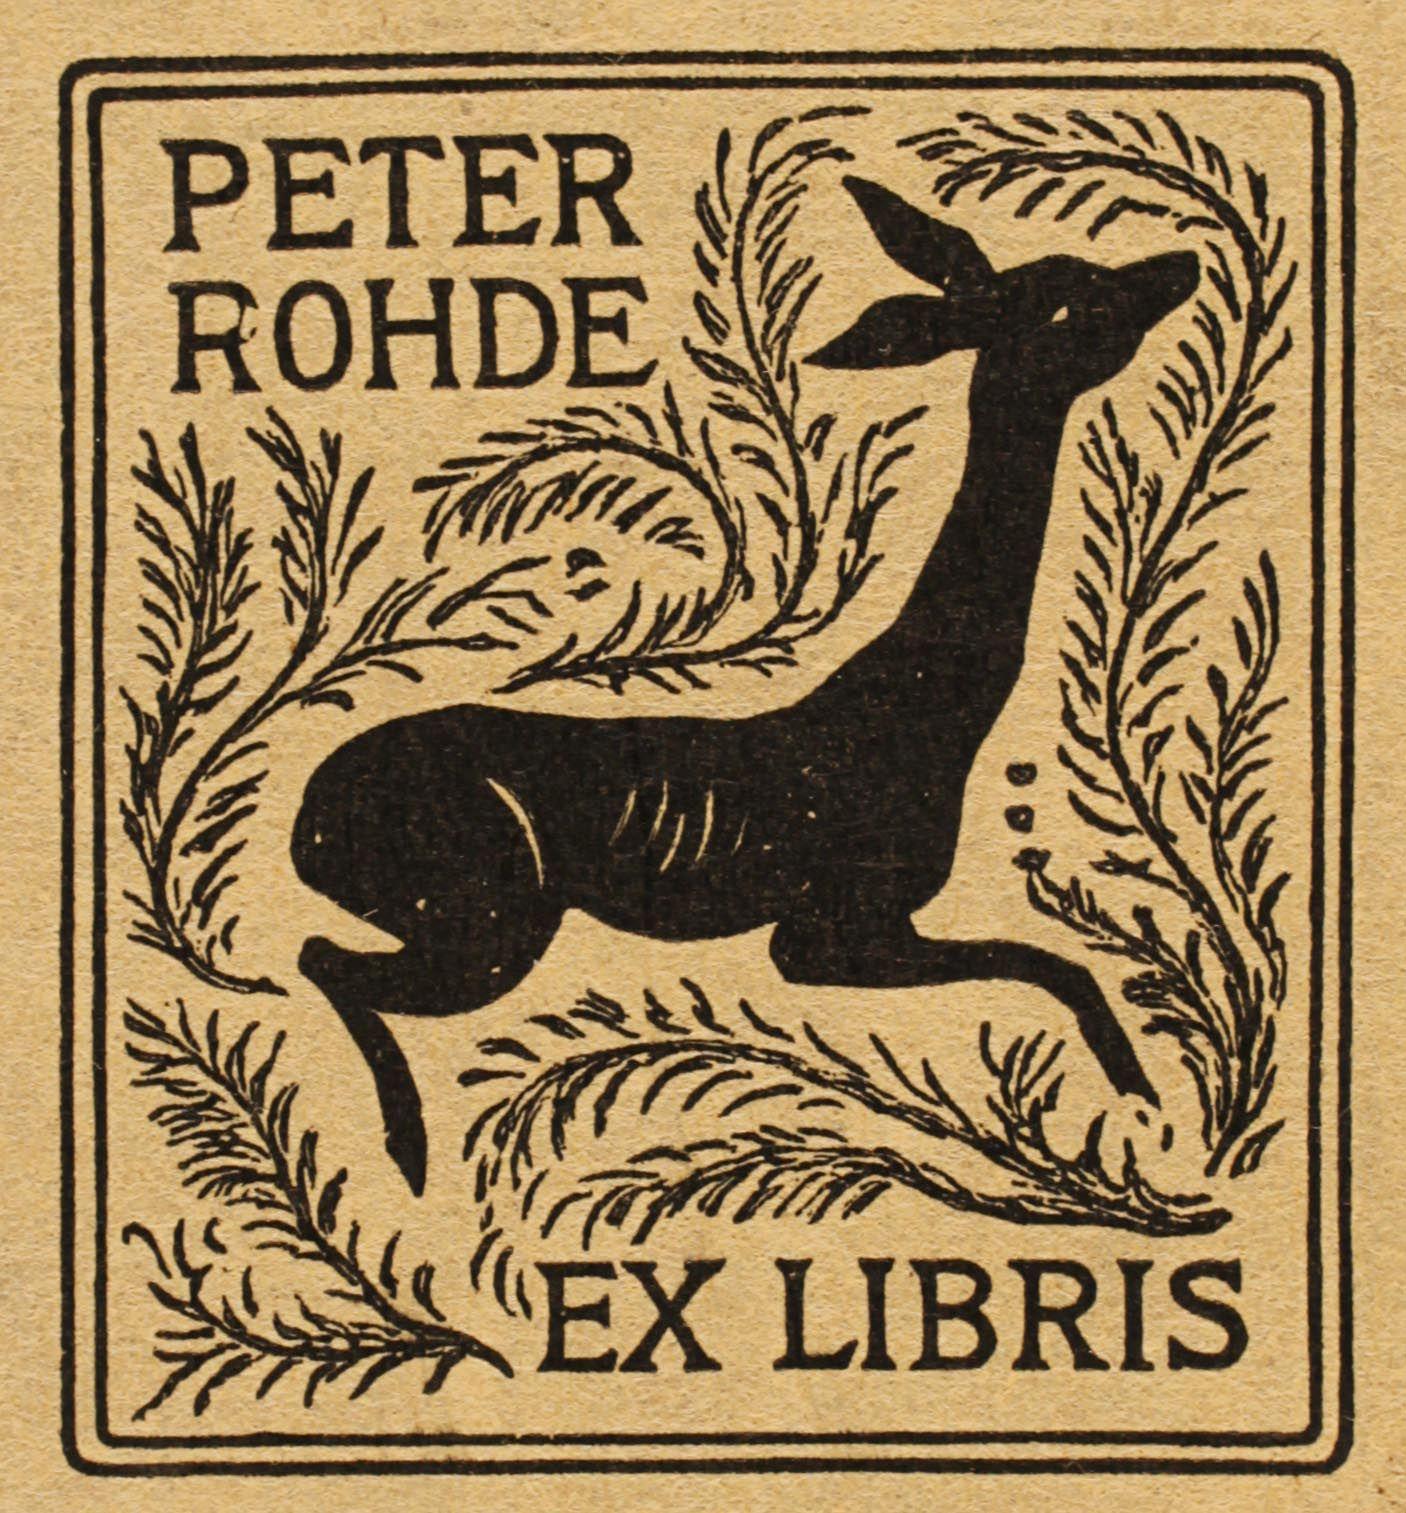 Ex Libris Gelly-Perbellini | Book plates, Ex libris, Linocut